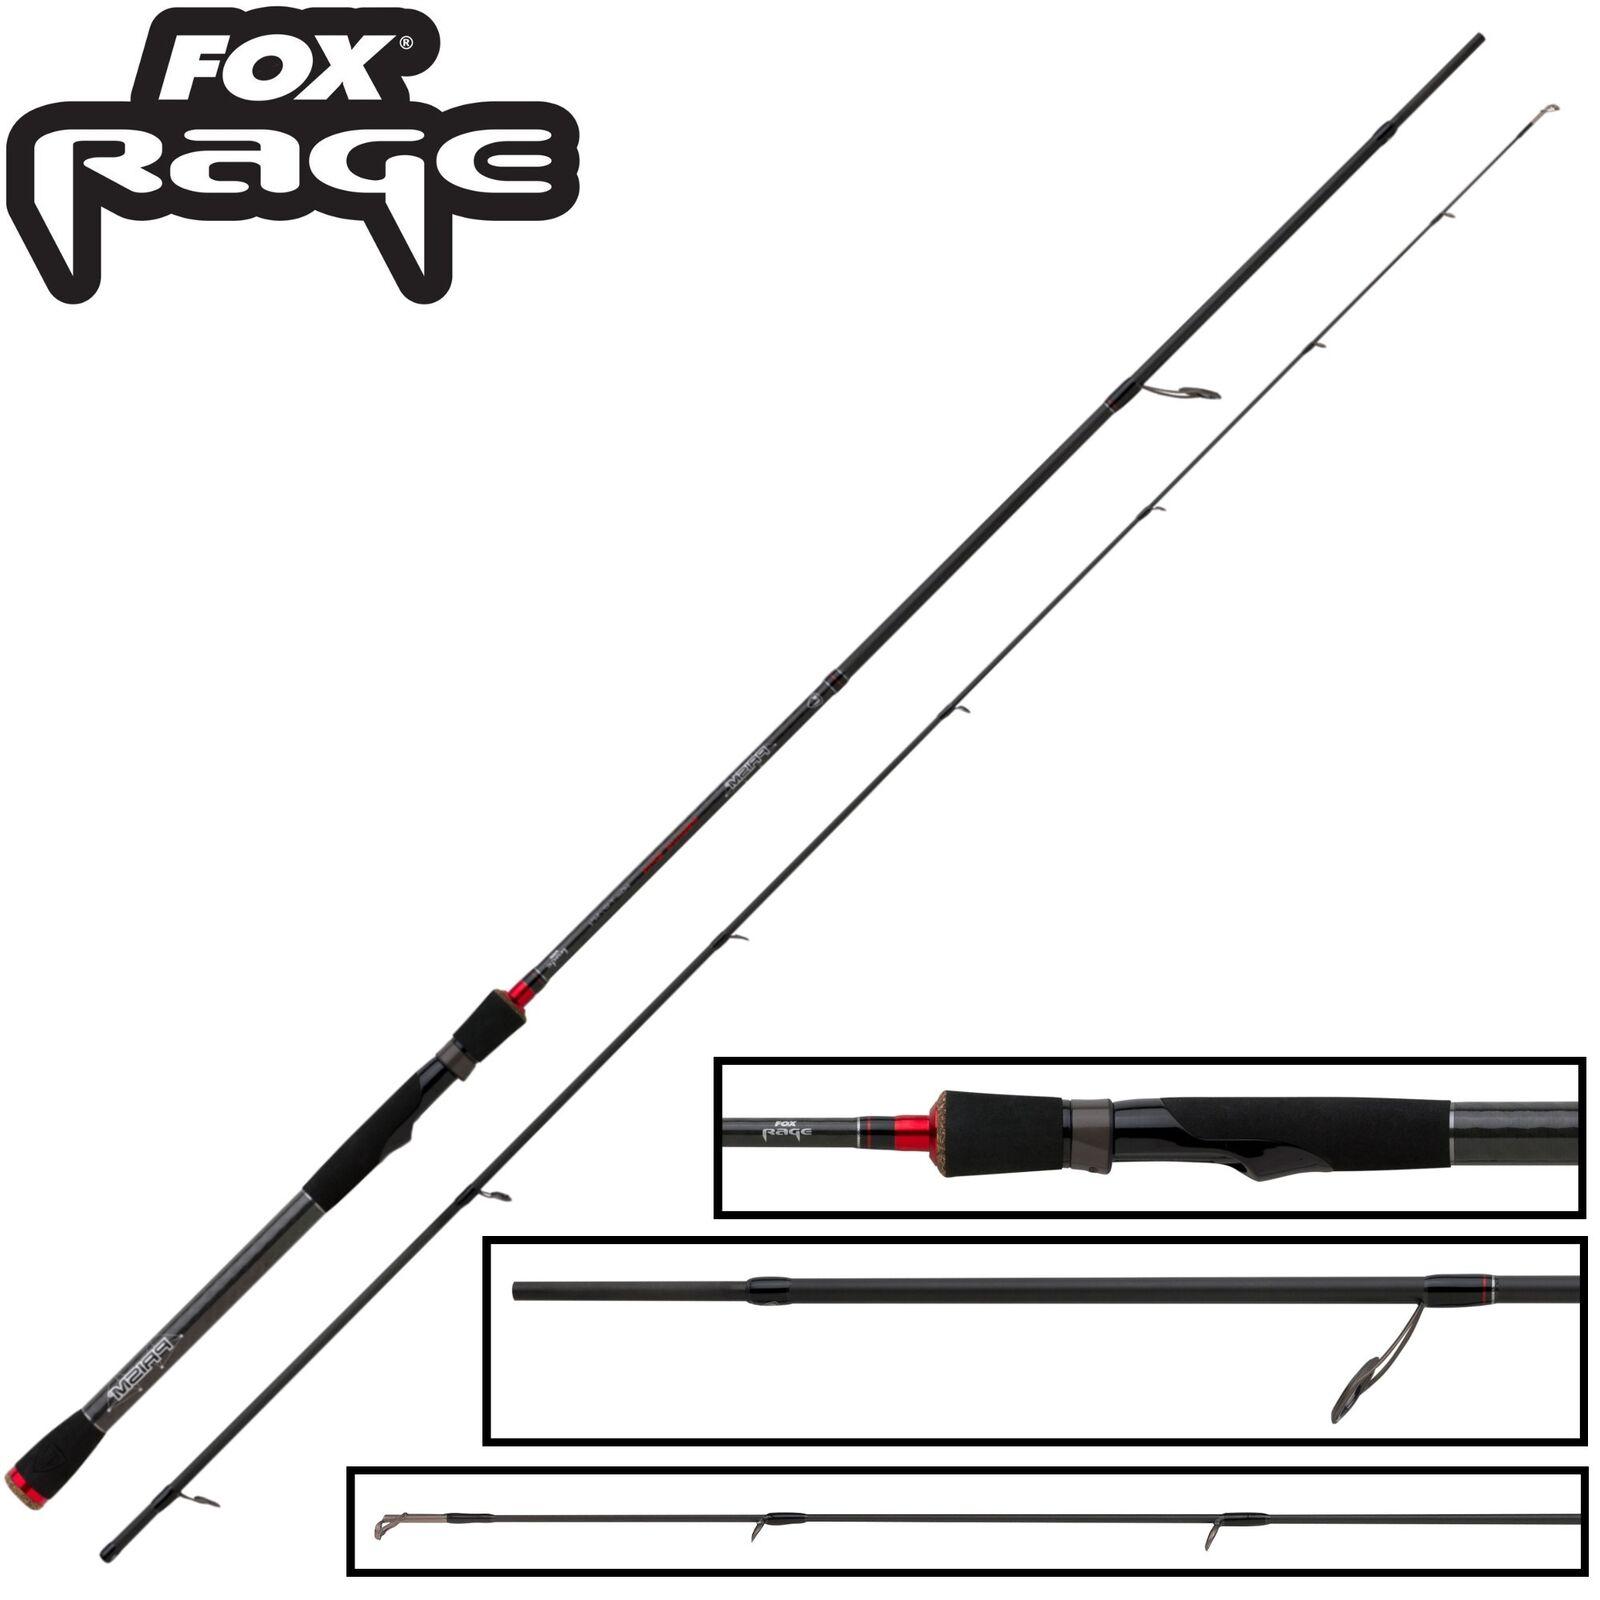 Fox Rage Prism Medium Medium Medium Spin Rod 240cm 5-21g - Spinnrute für Barsch, Raubfischrute 9268e7